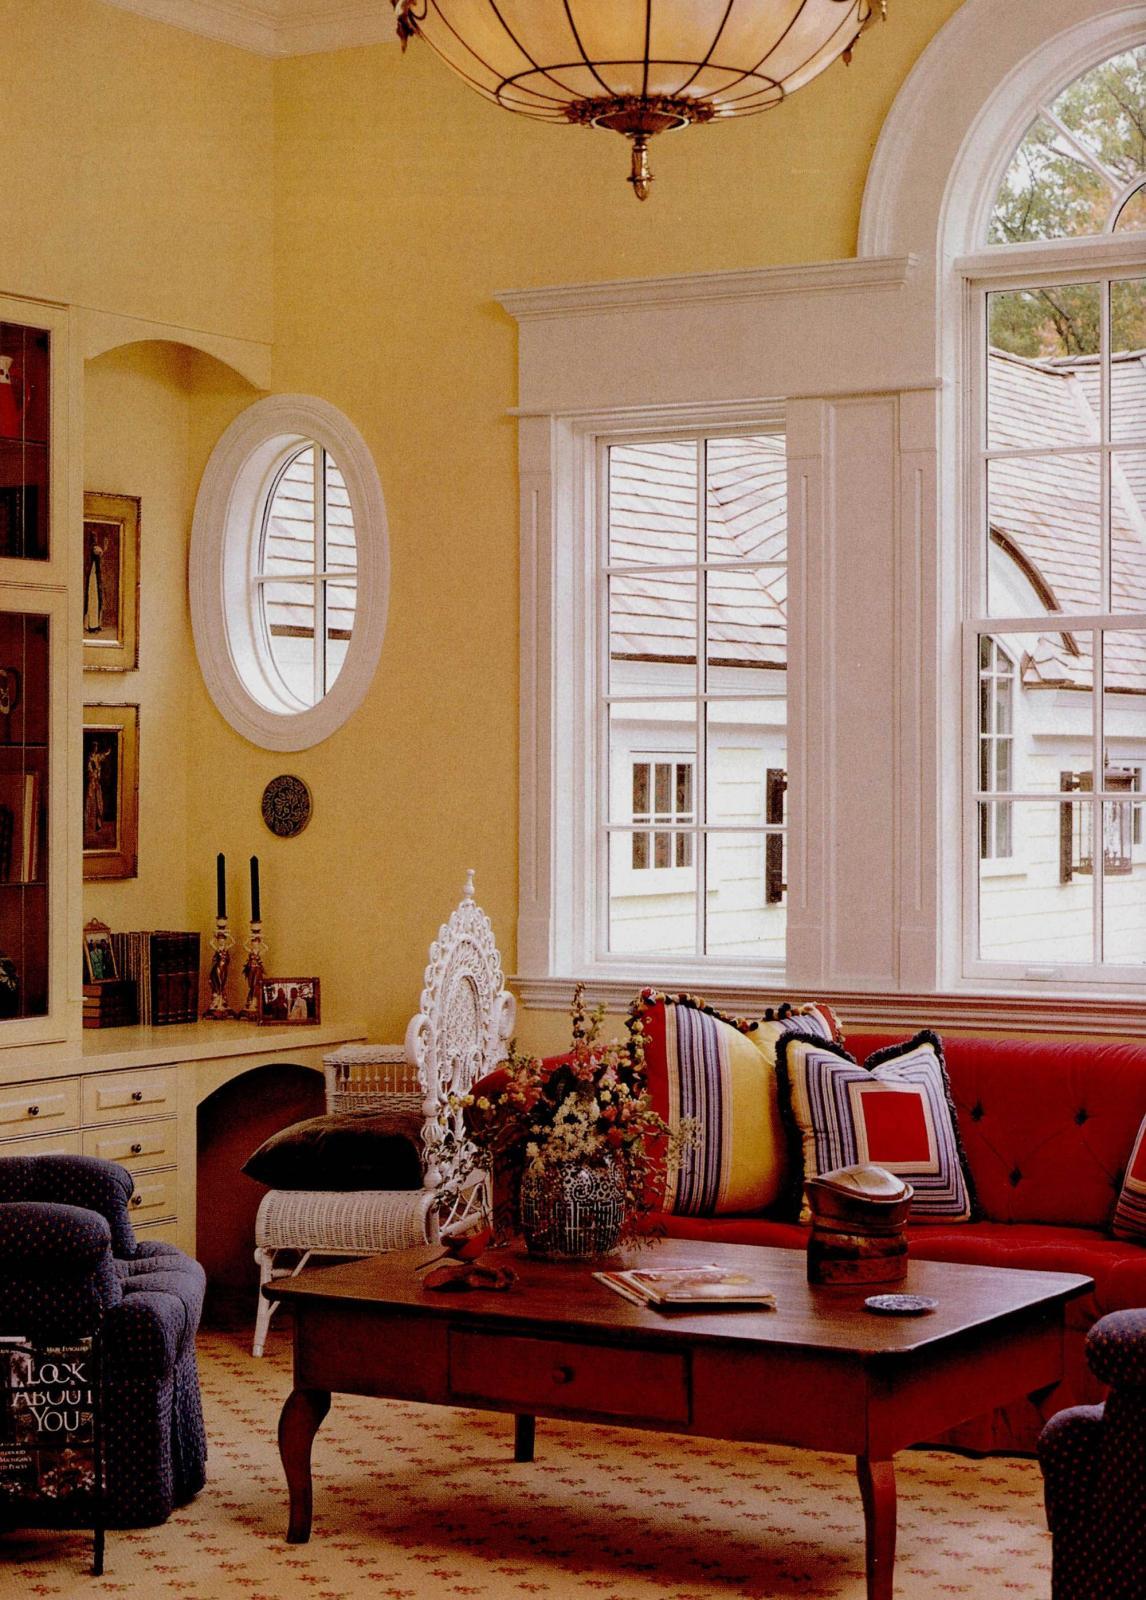 大户型美式风格客厅_不失自在与随意的风格装修效果图图片